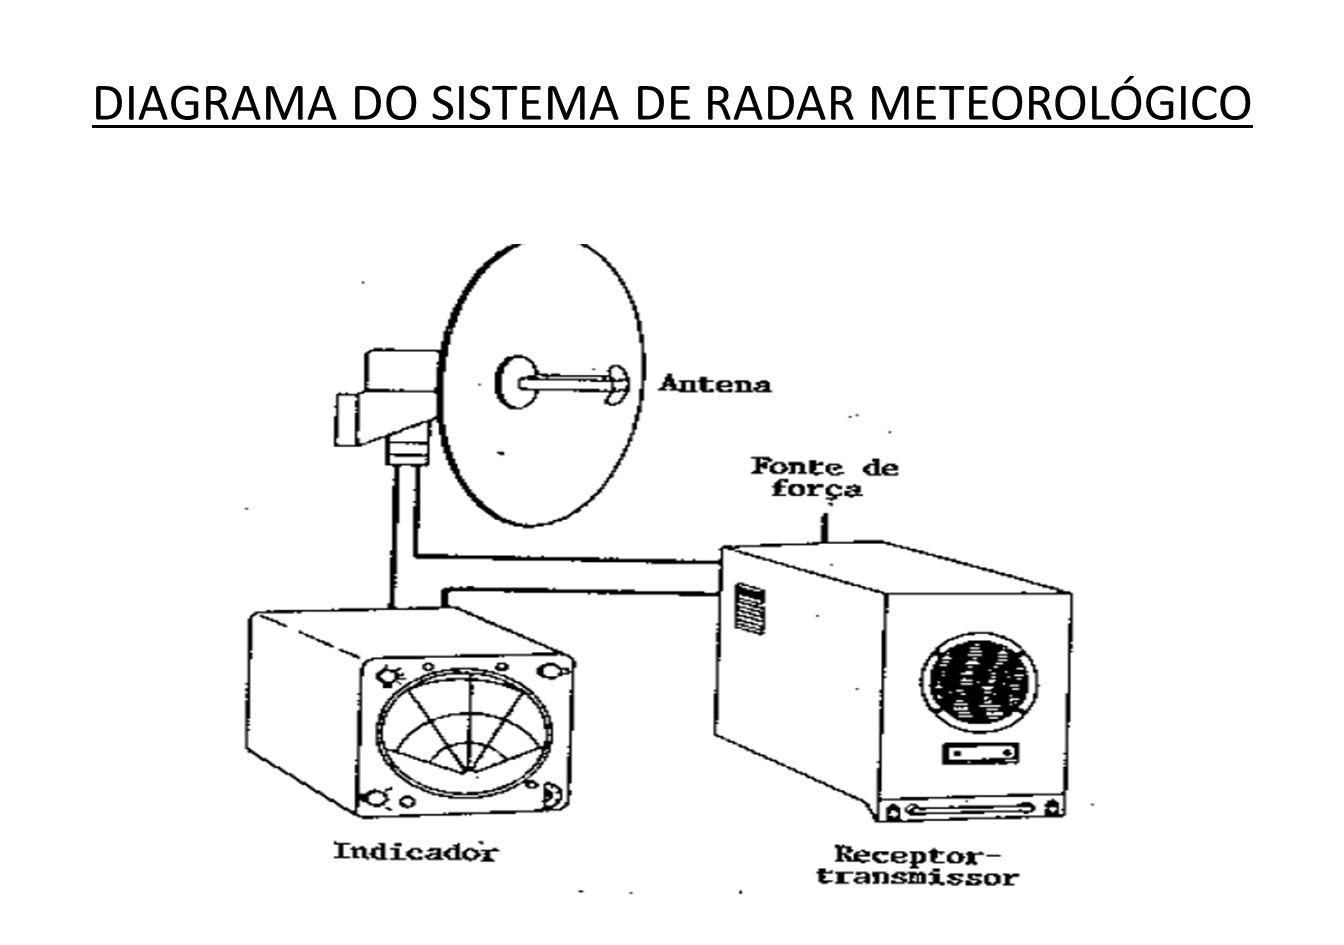 O radar meteorológico aumenta a segurança do vôo, pois permite ao piloto detectar tempestades na sua rota e, consequentemente, contorná-las.